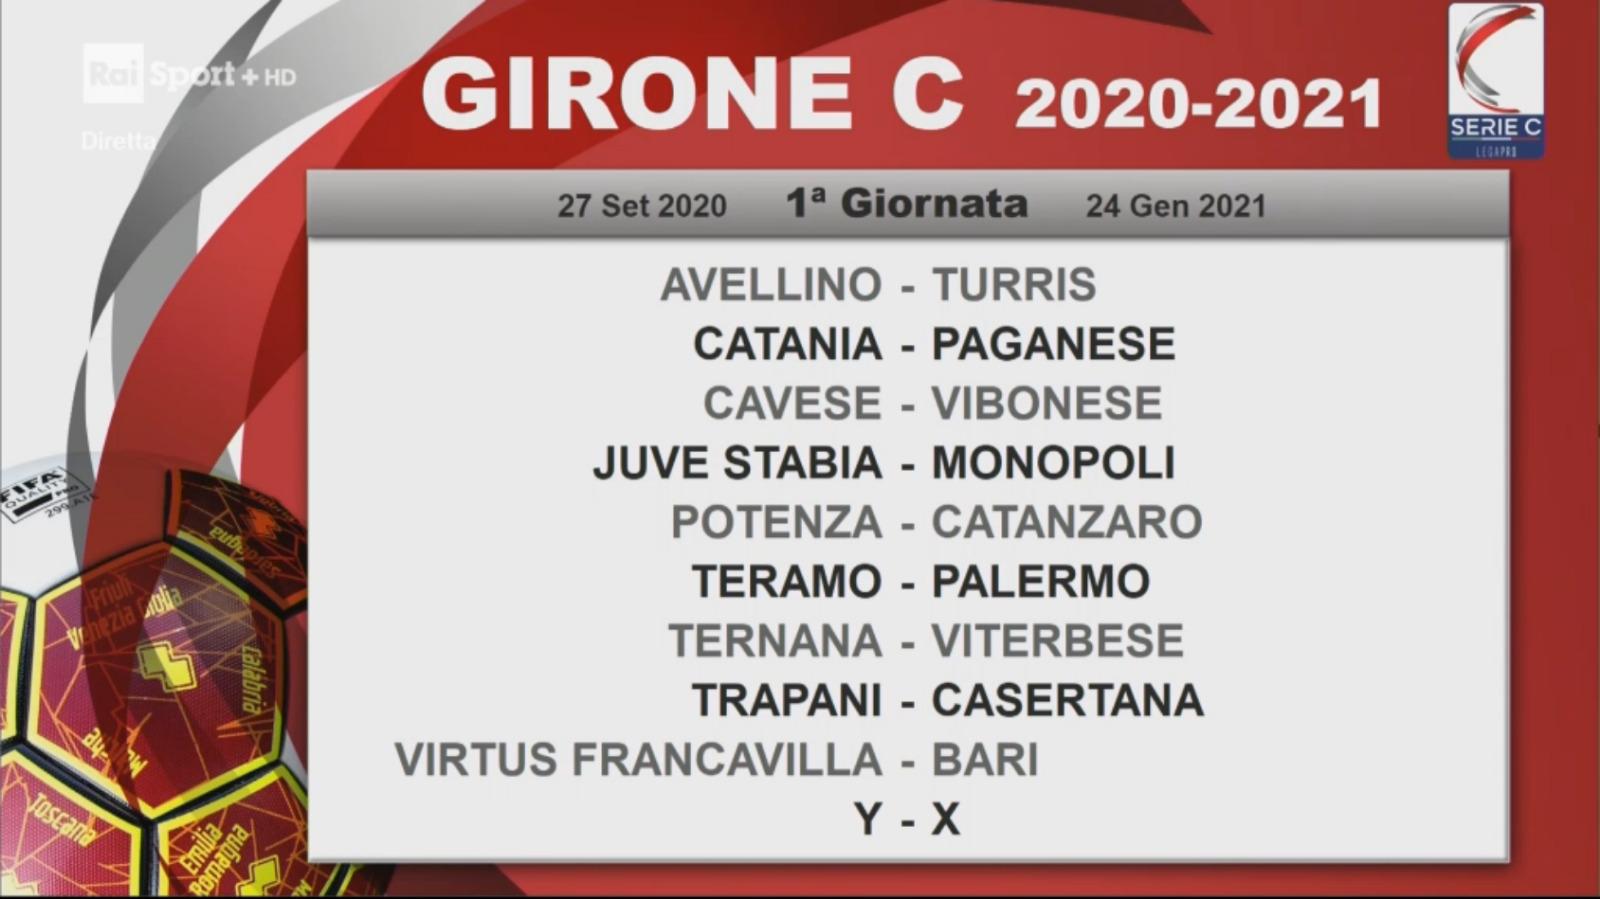 Serie C, ecco i calendari 2020/2021: tutte le partite del Bari